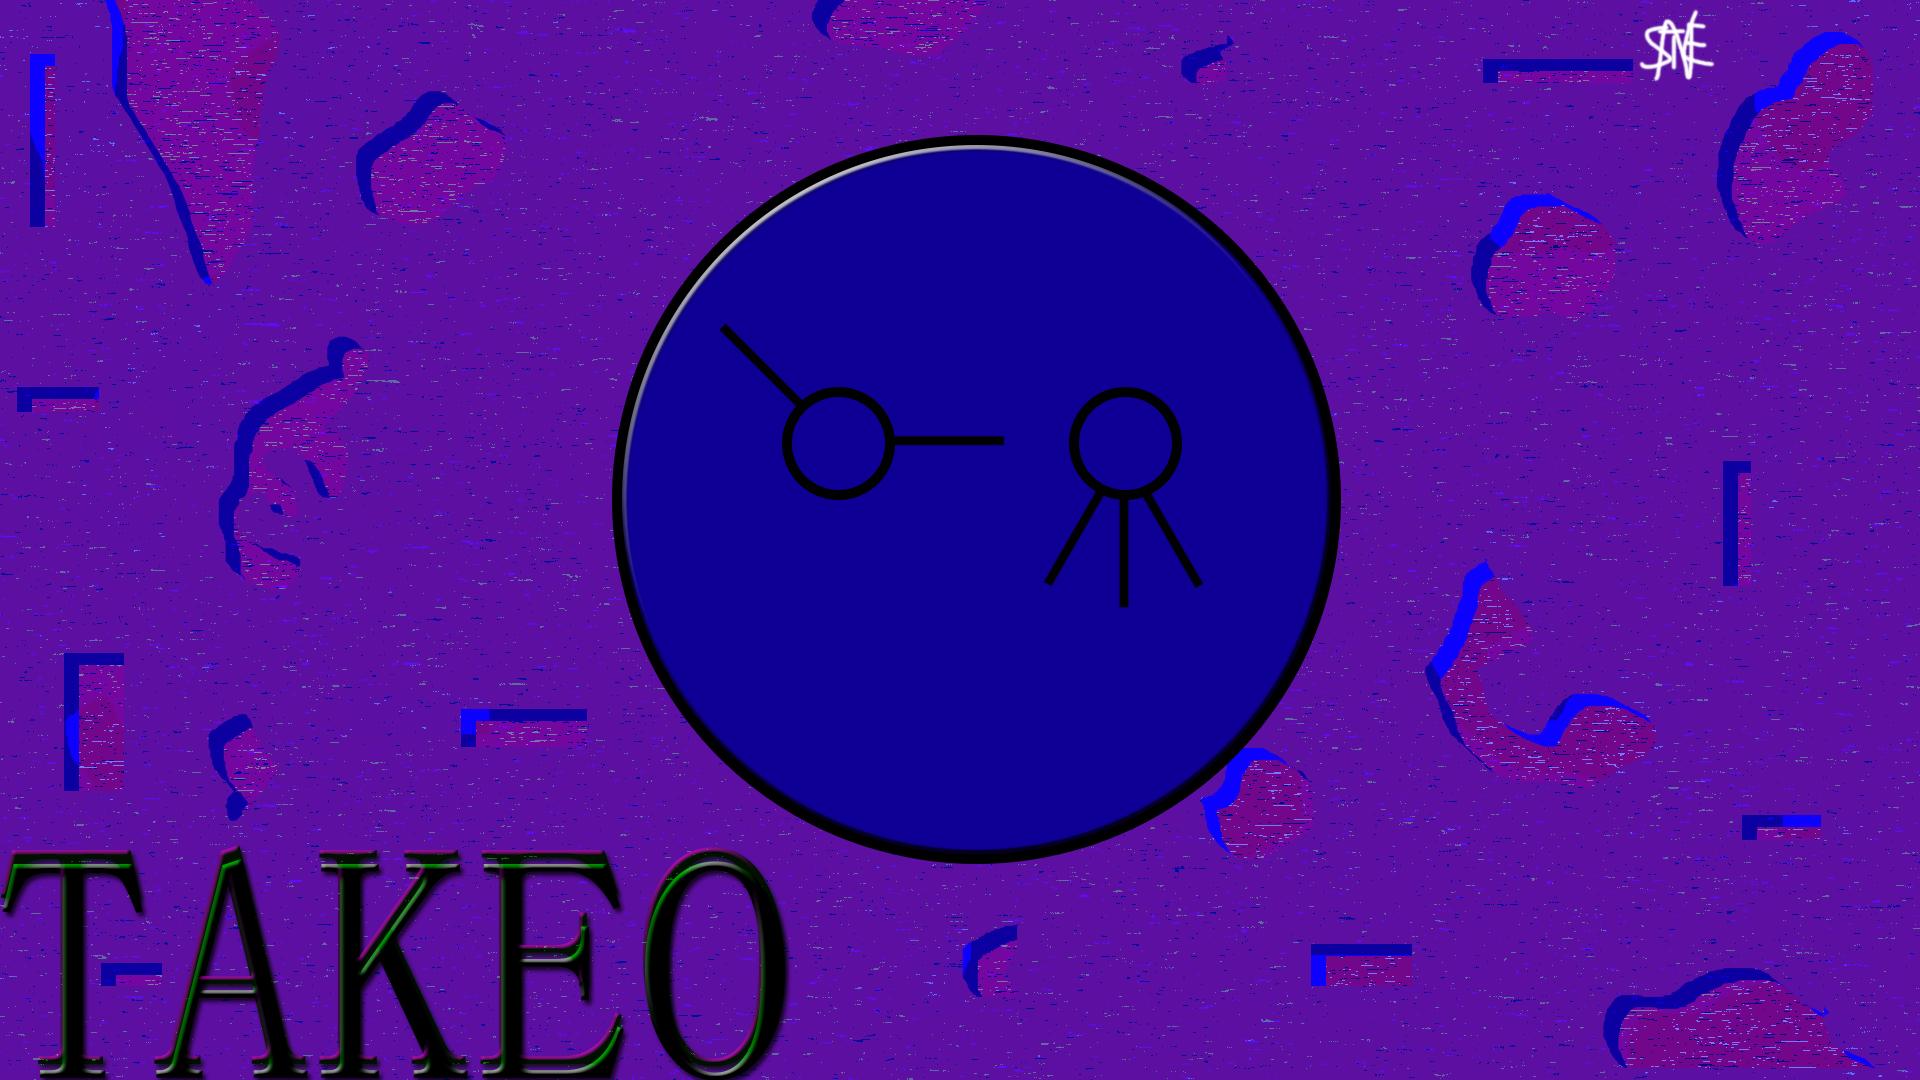 Takeo A.I.